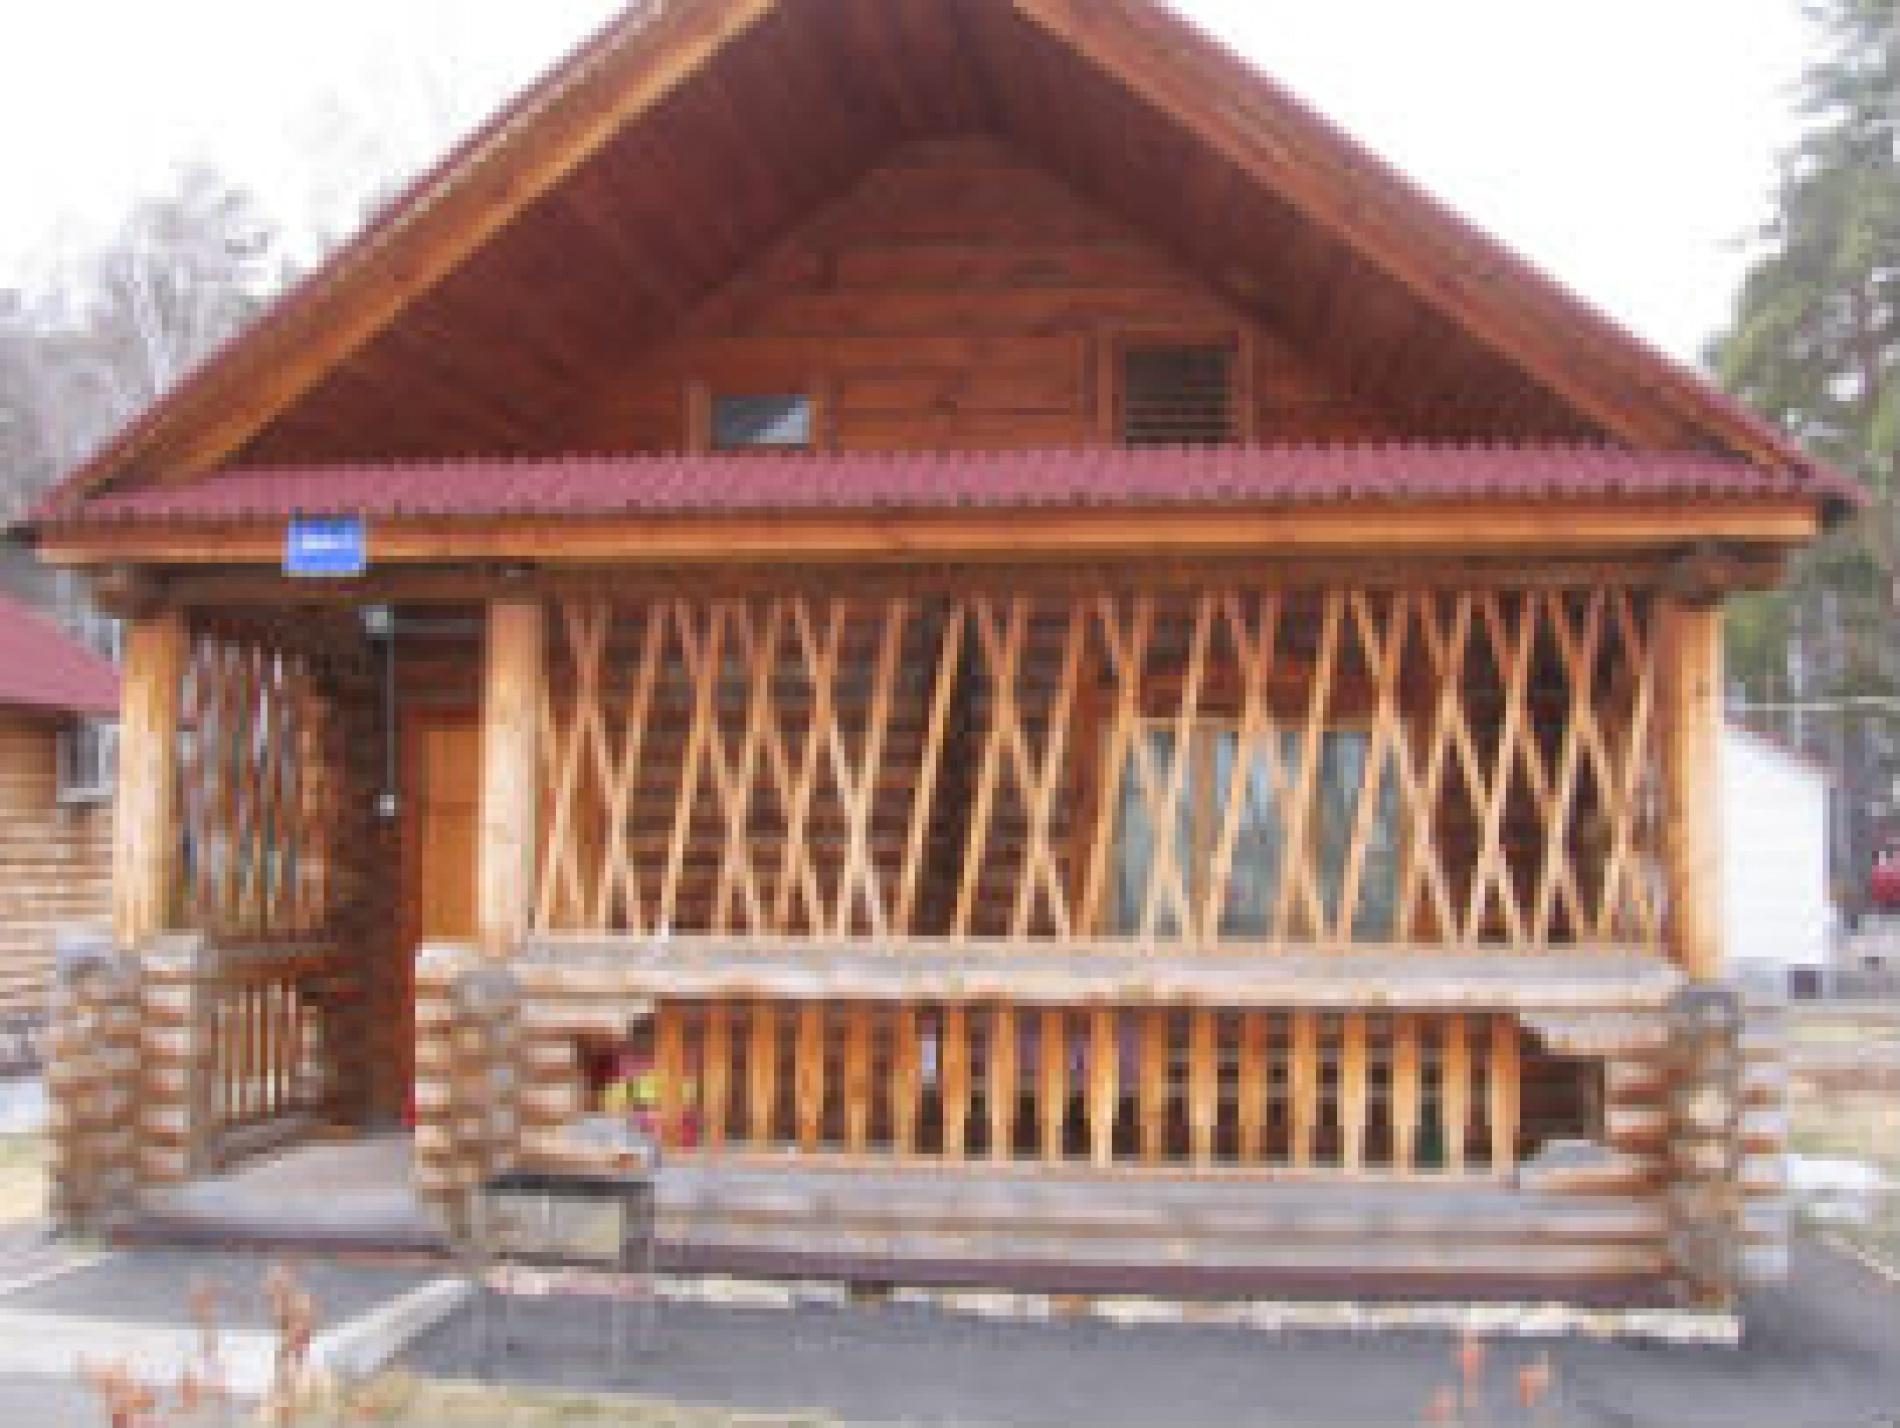 База отдыха им. Стрельникова Омская область Рубленый дом №2, фото 1